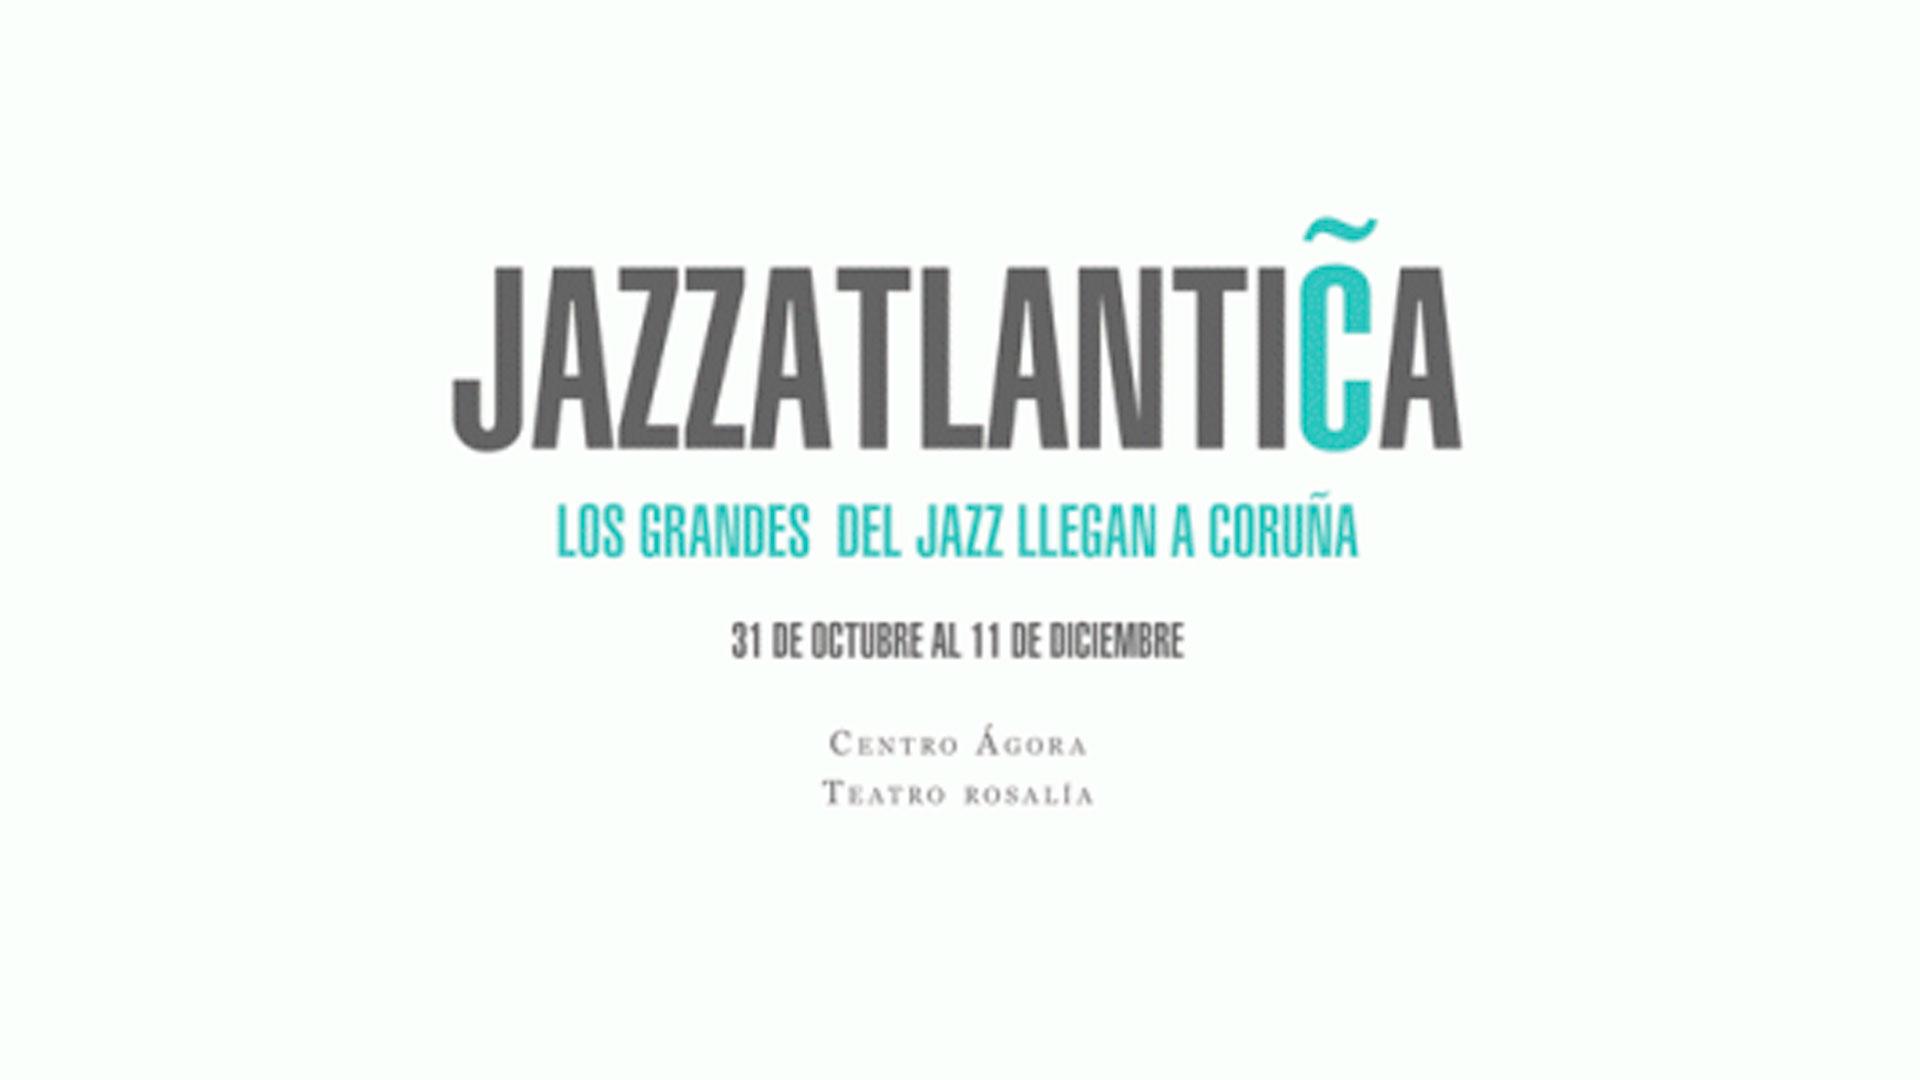 El ciclo Jazzatlantica presenta siete conciertos de grandes del jazz y un importante calendario de actividades